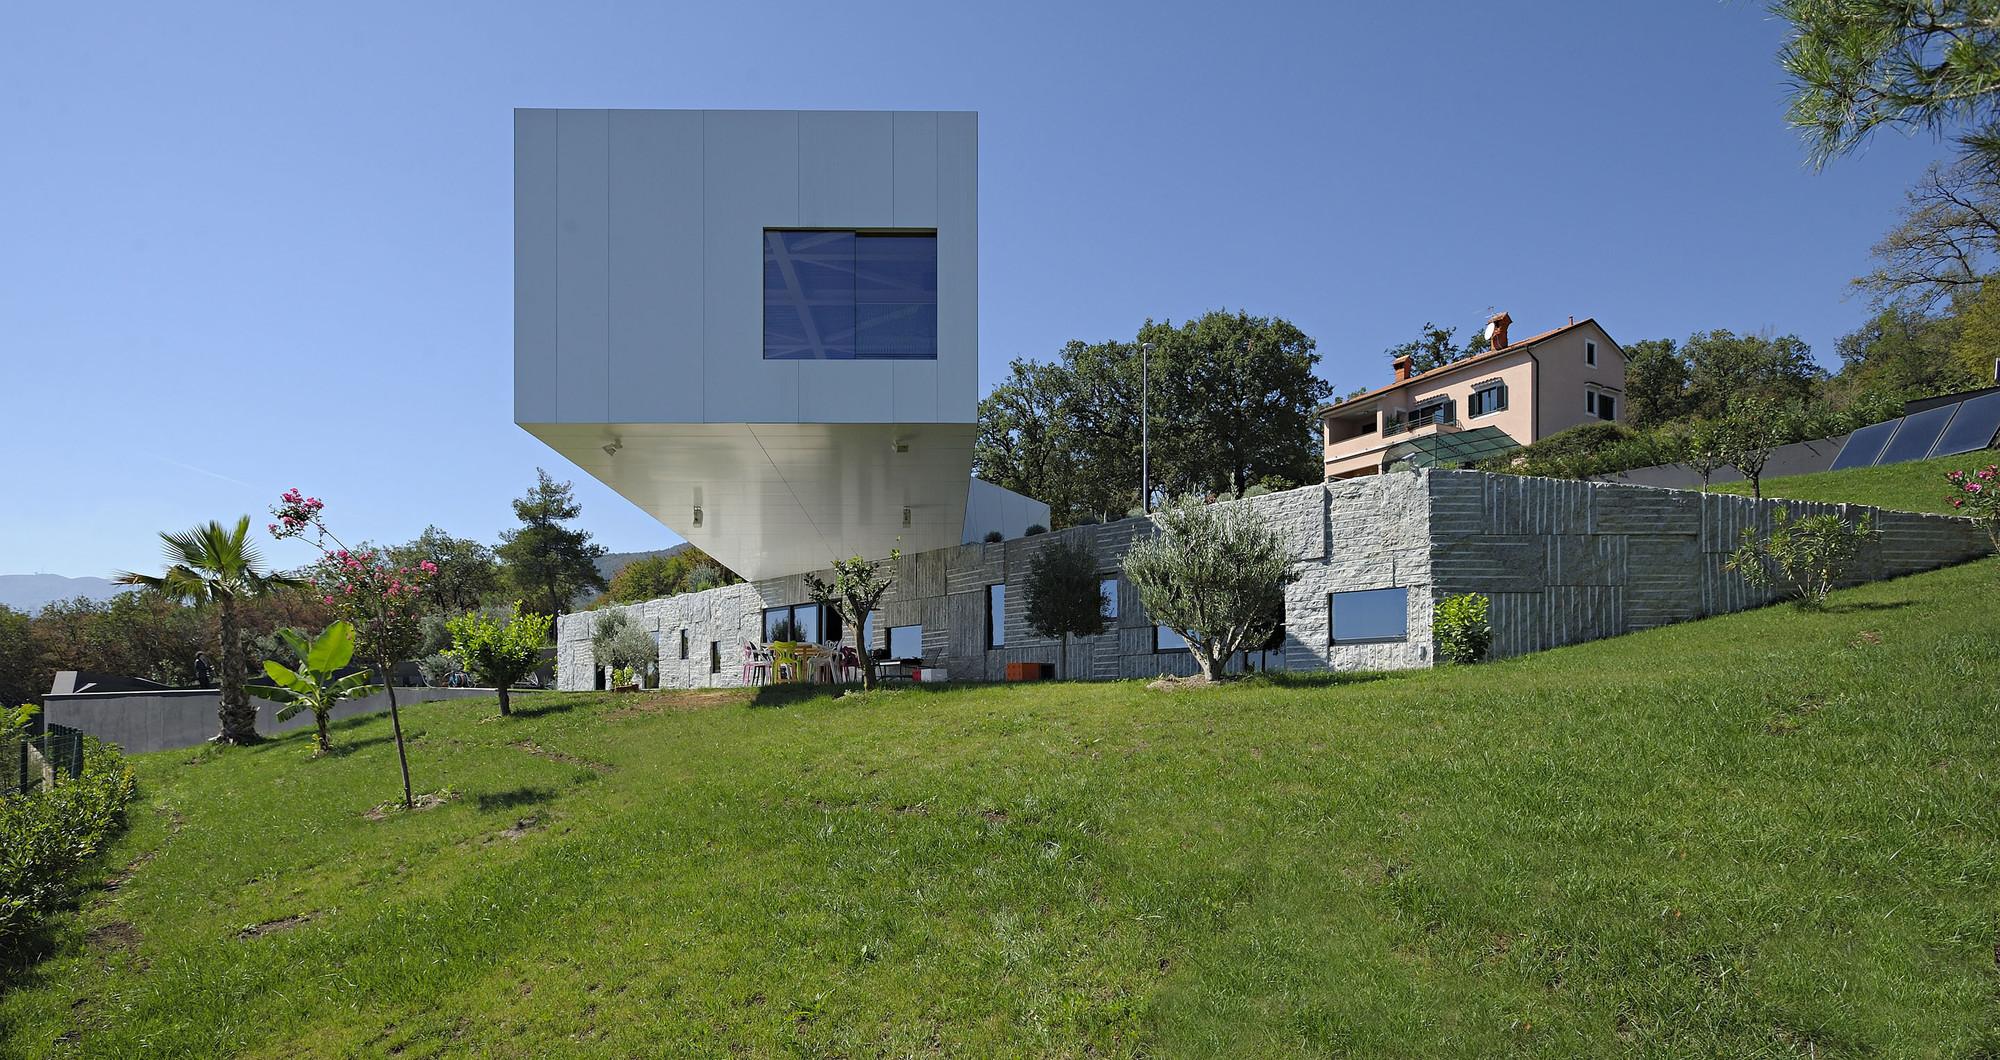 Nest & Cave House / Idis Turato